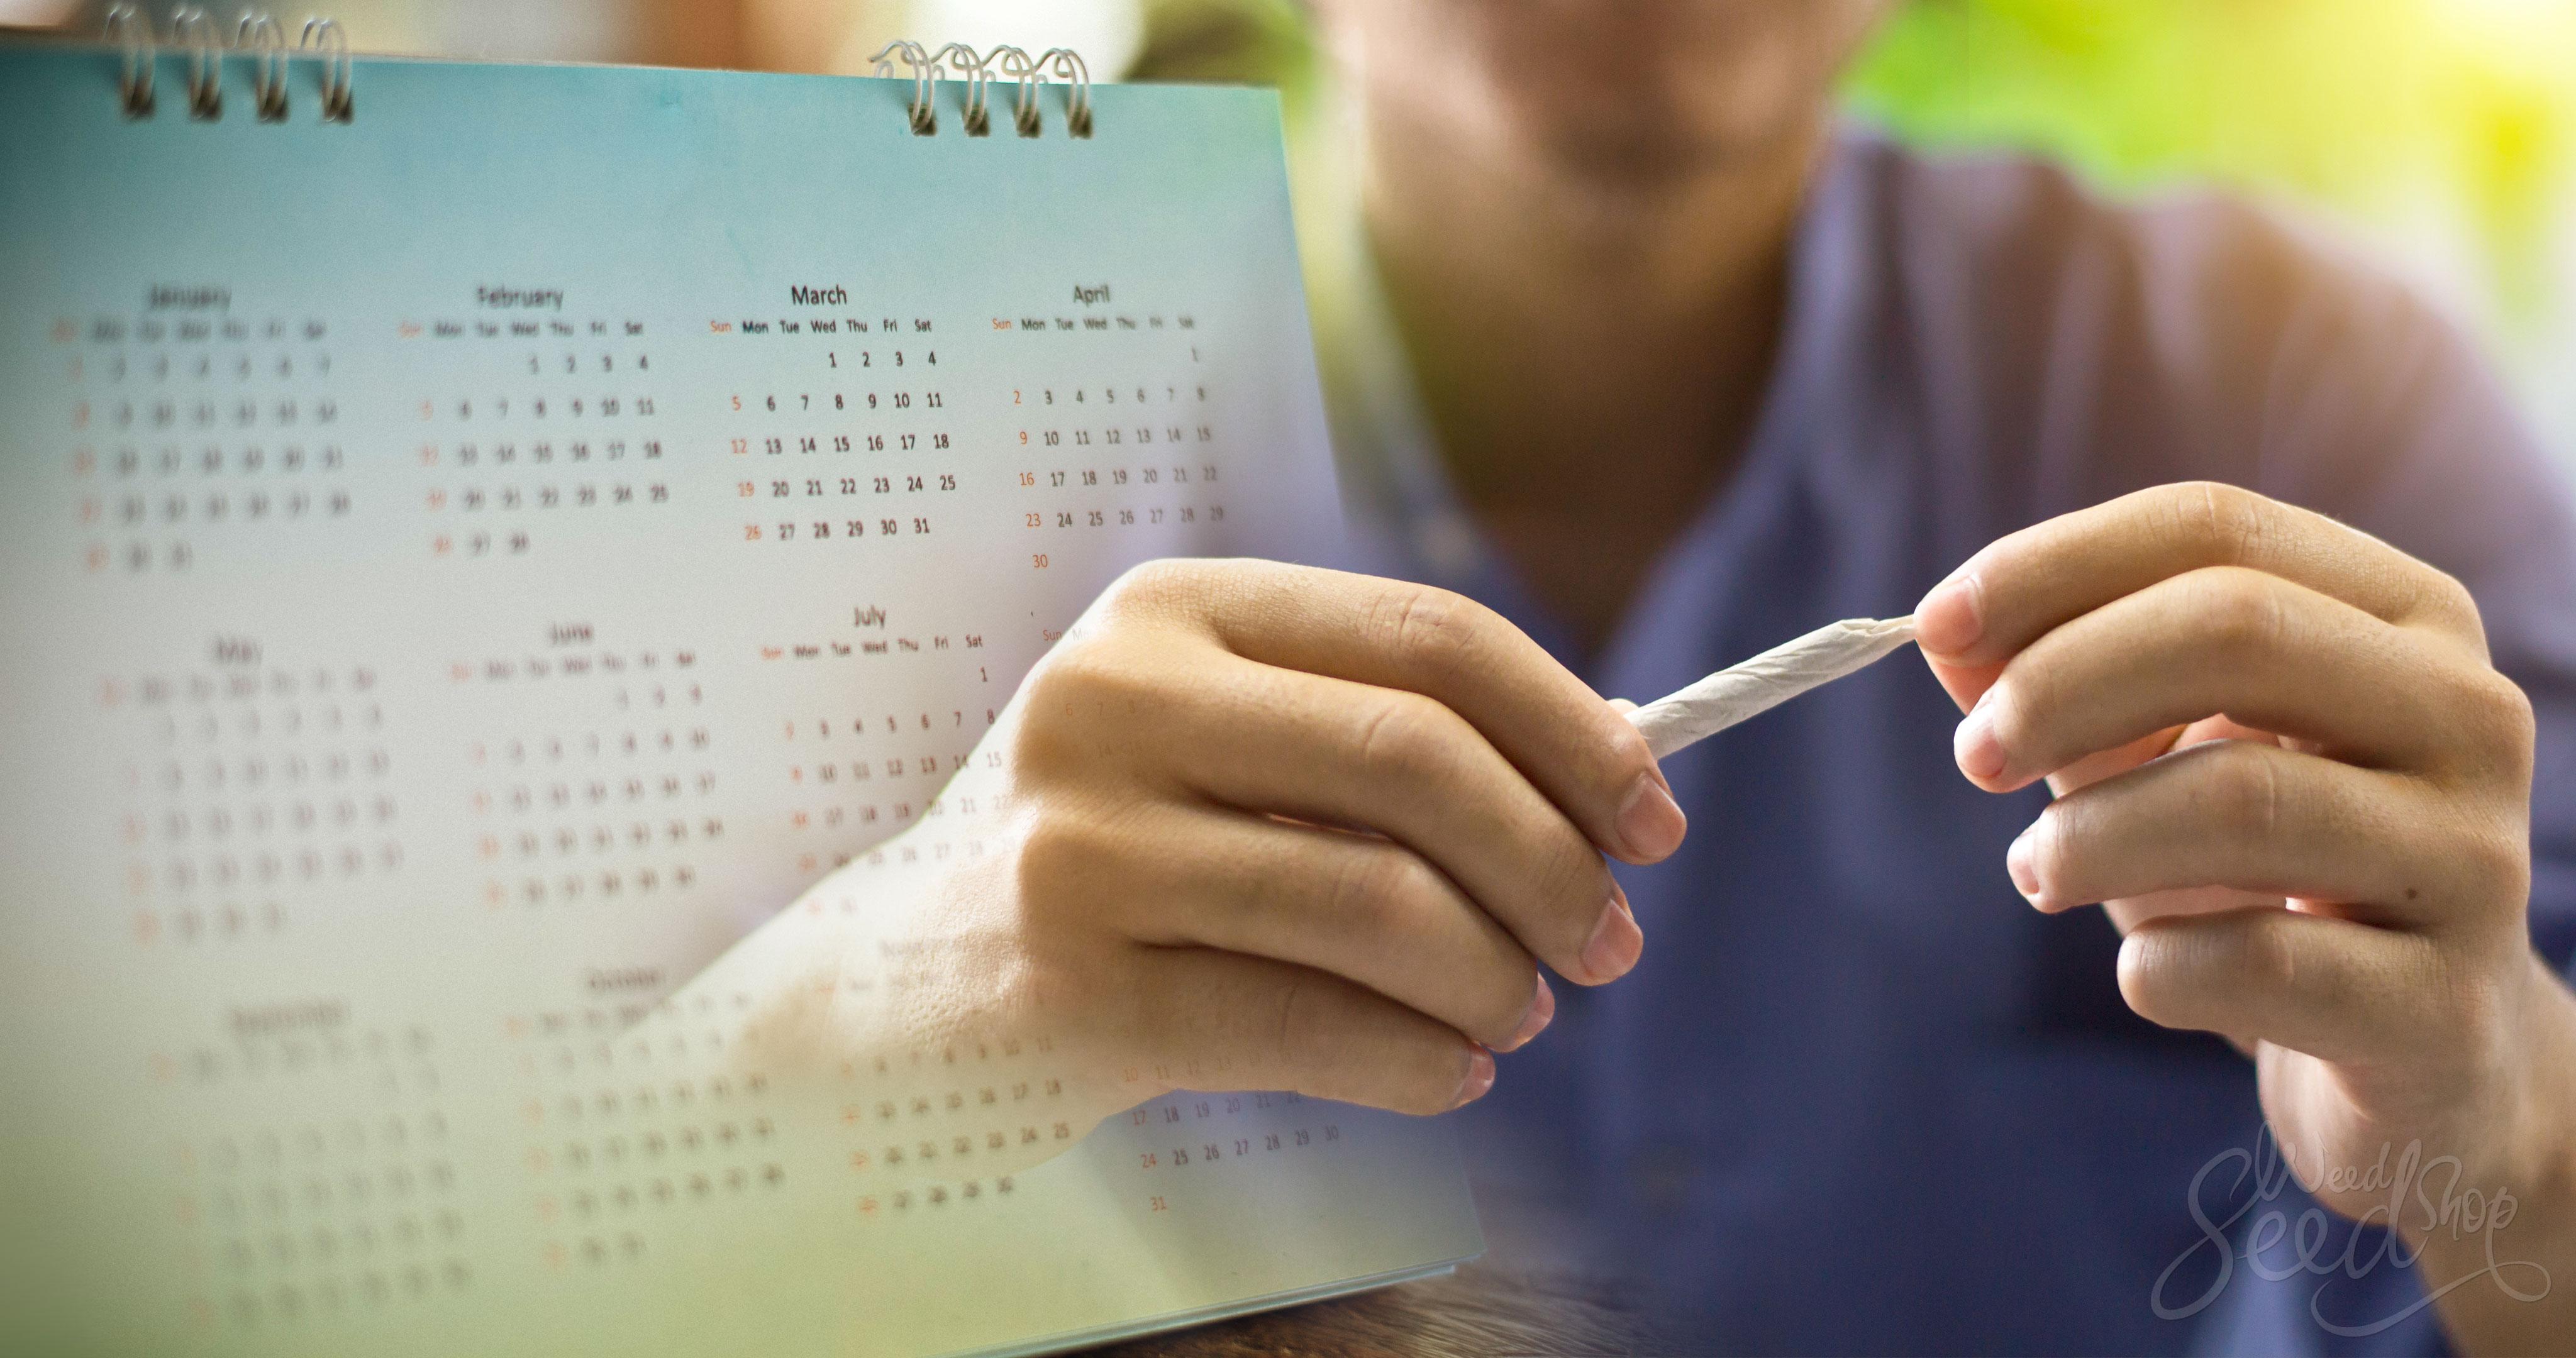 ¿Por cuánto tiempo el THC dura en tu sistema? - Weed Seed Shop Blog